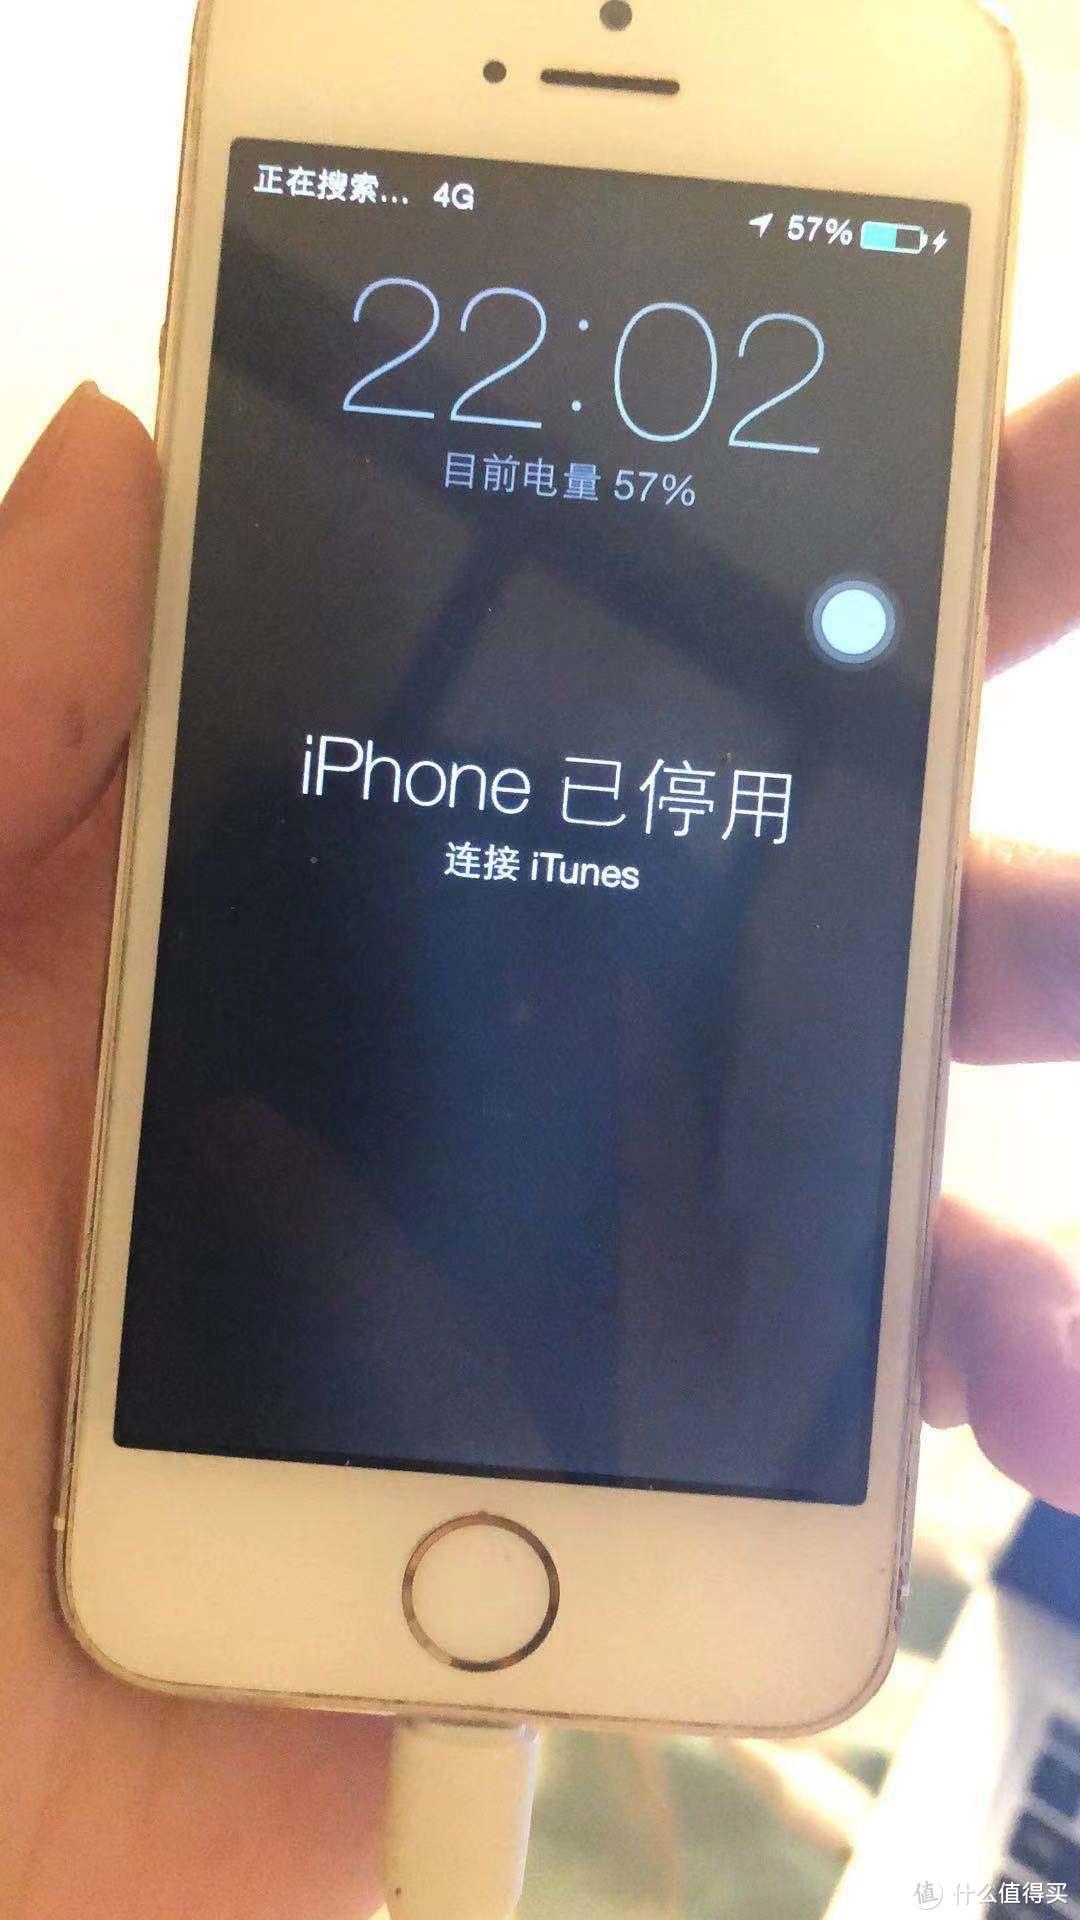 手机千万别自己轻易换电池,我再也不想自己换了/(ㄒoㄒ)/~~!!